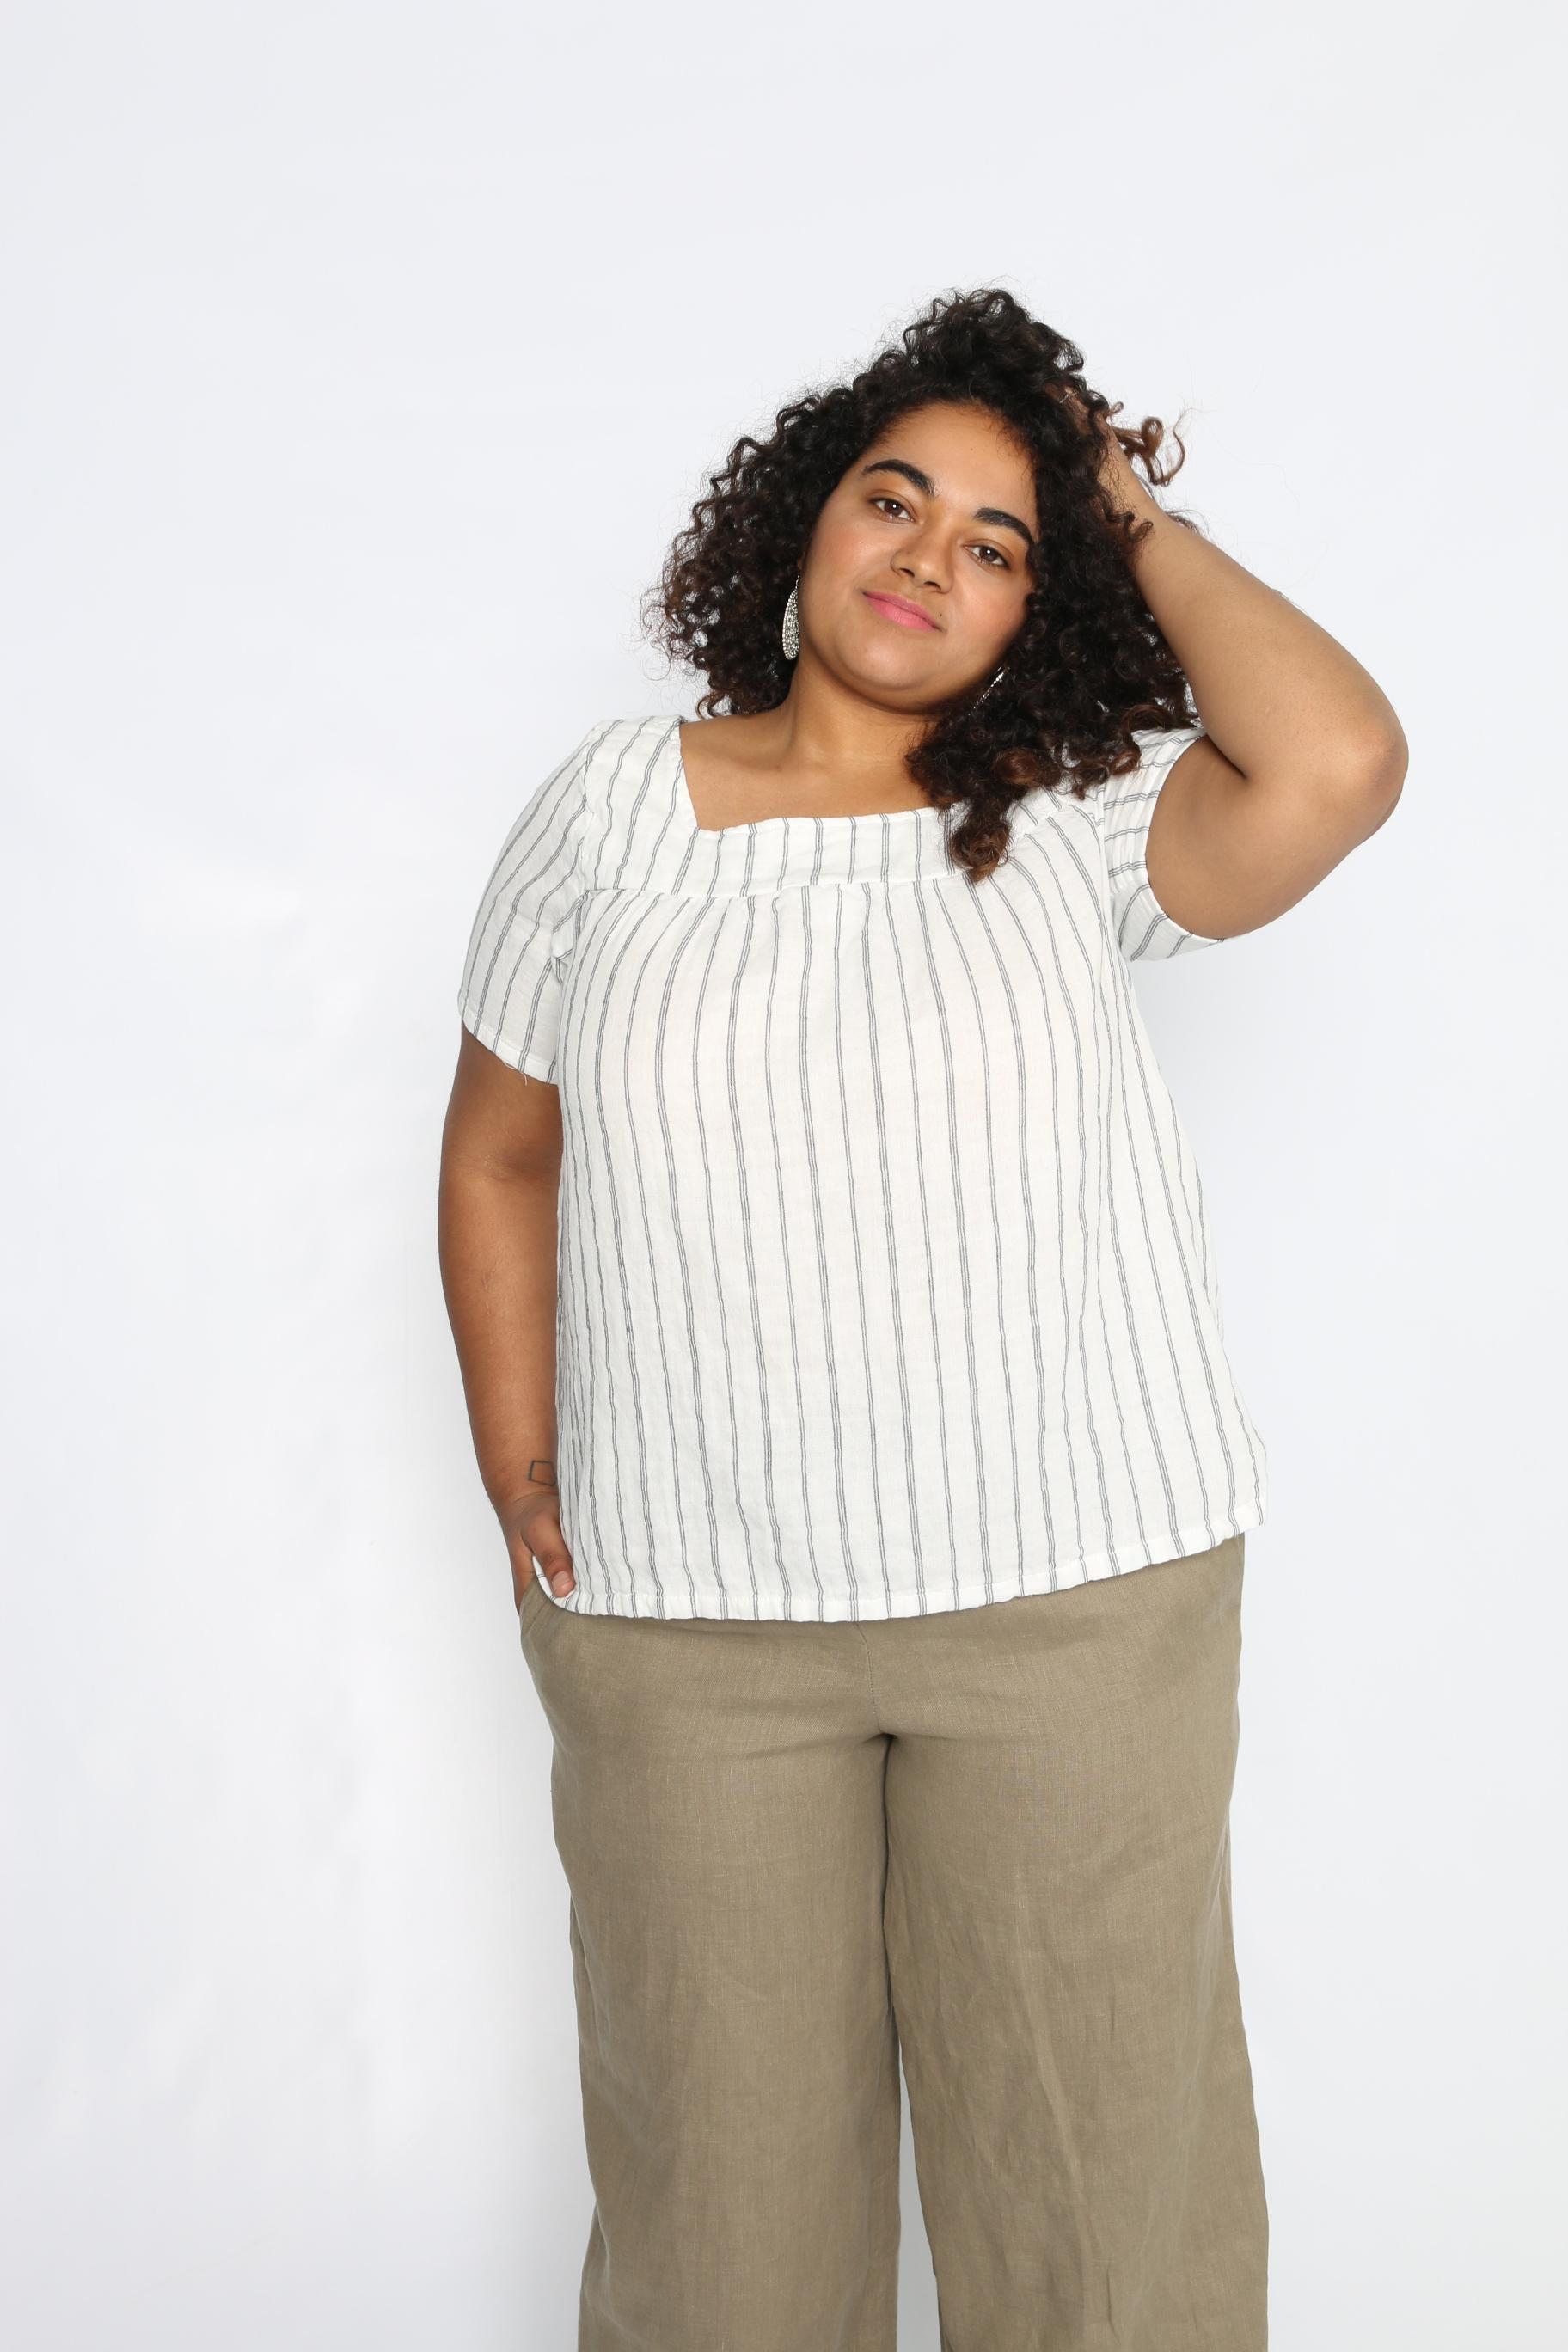 Faith is size Large wearing White Stripe Gauze.